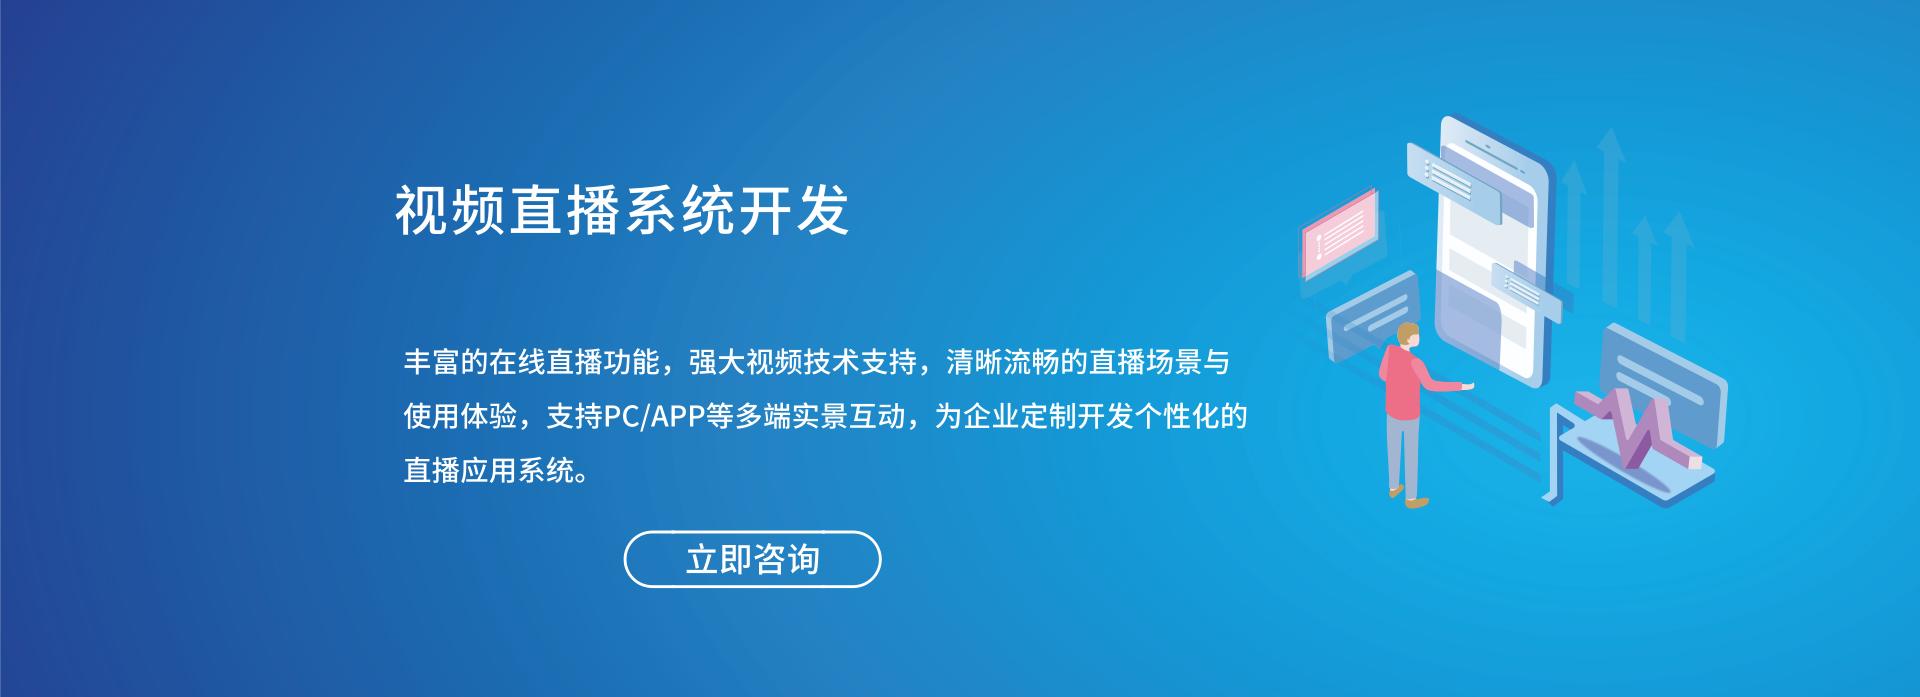 视频直播系统,直播APP开发